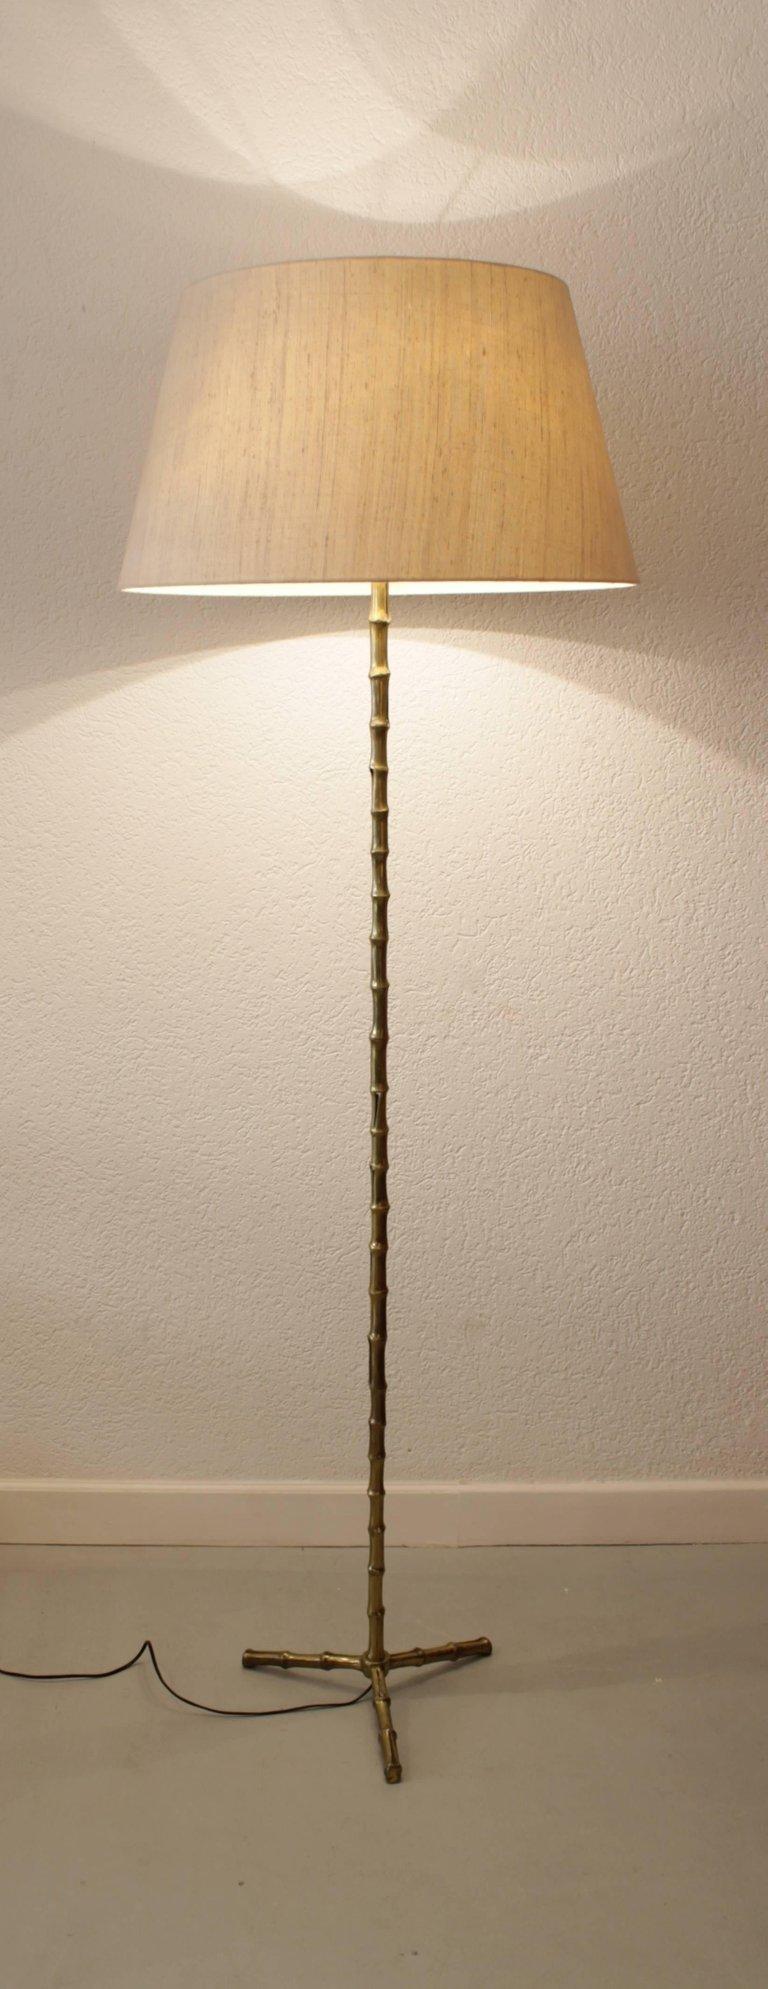 Maison Baguès attrib. Faux Bamboo Lampadaire